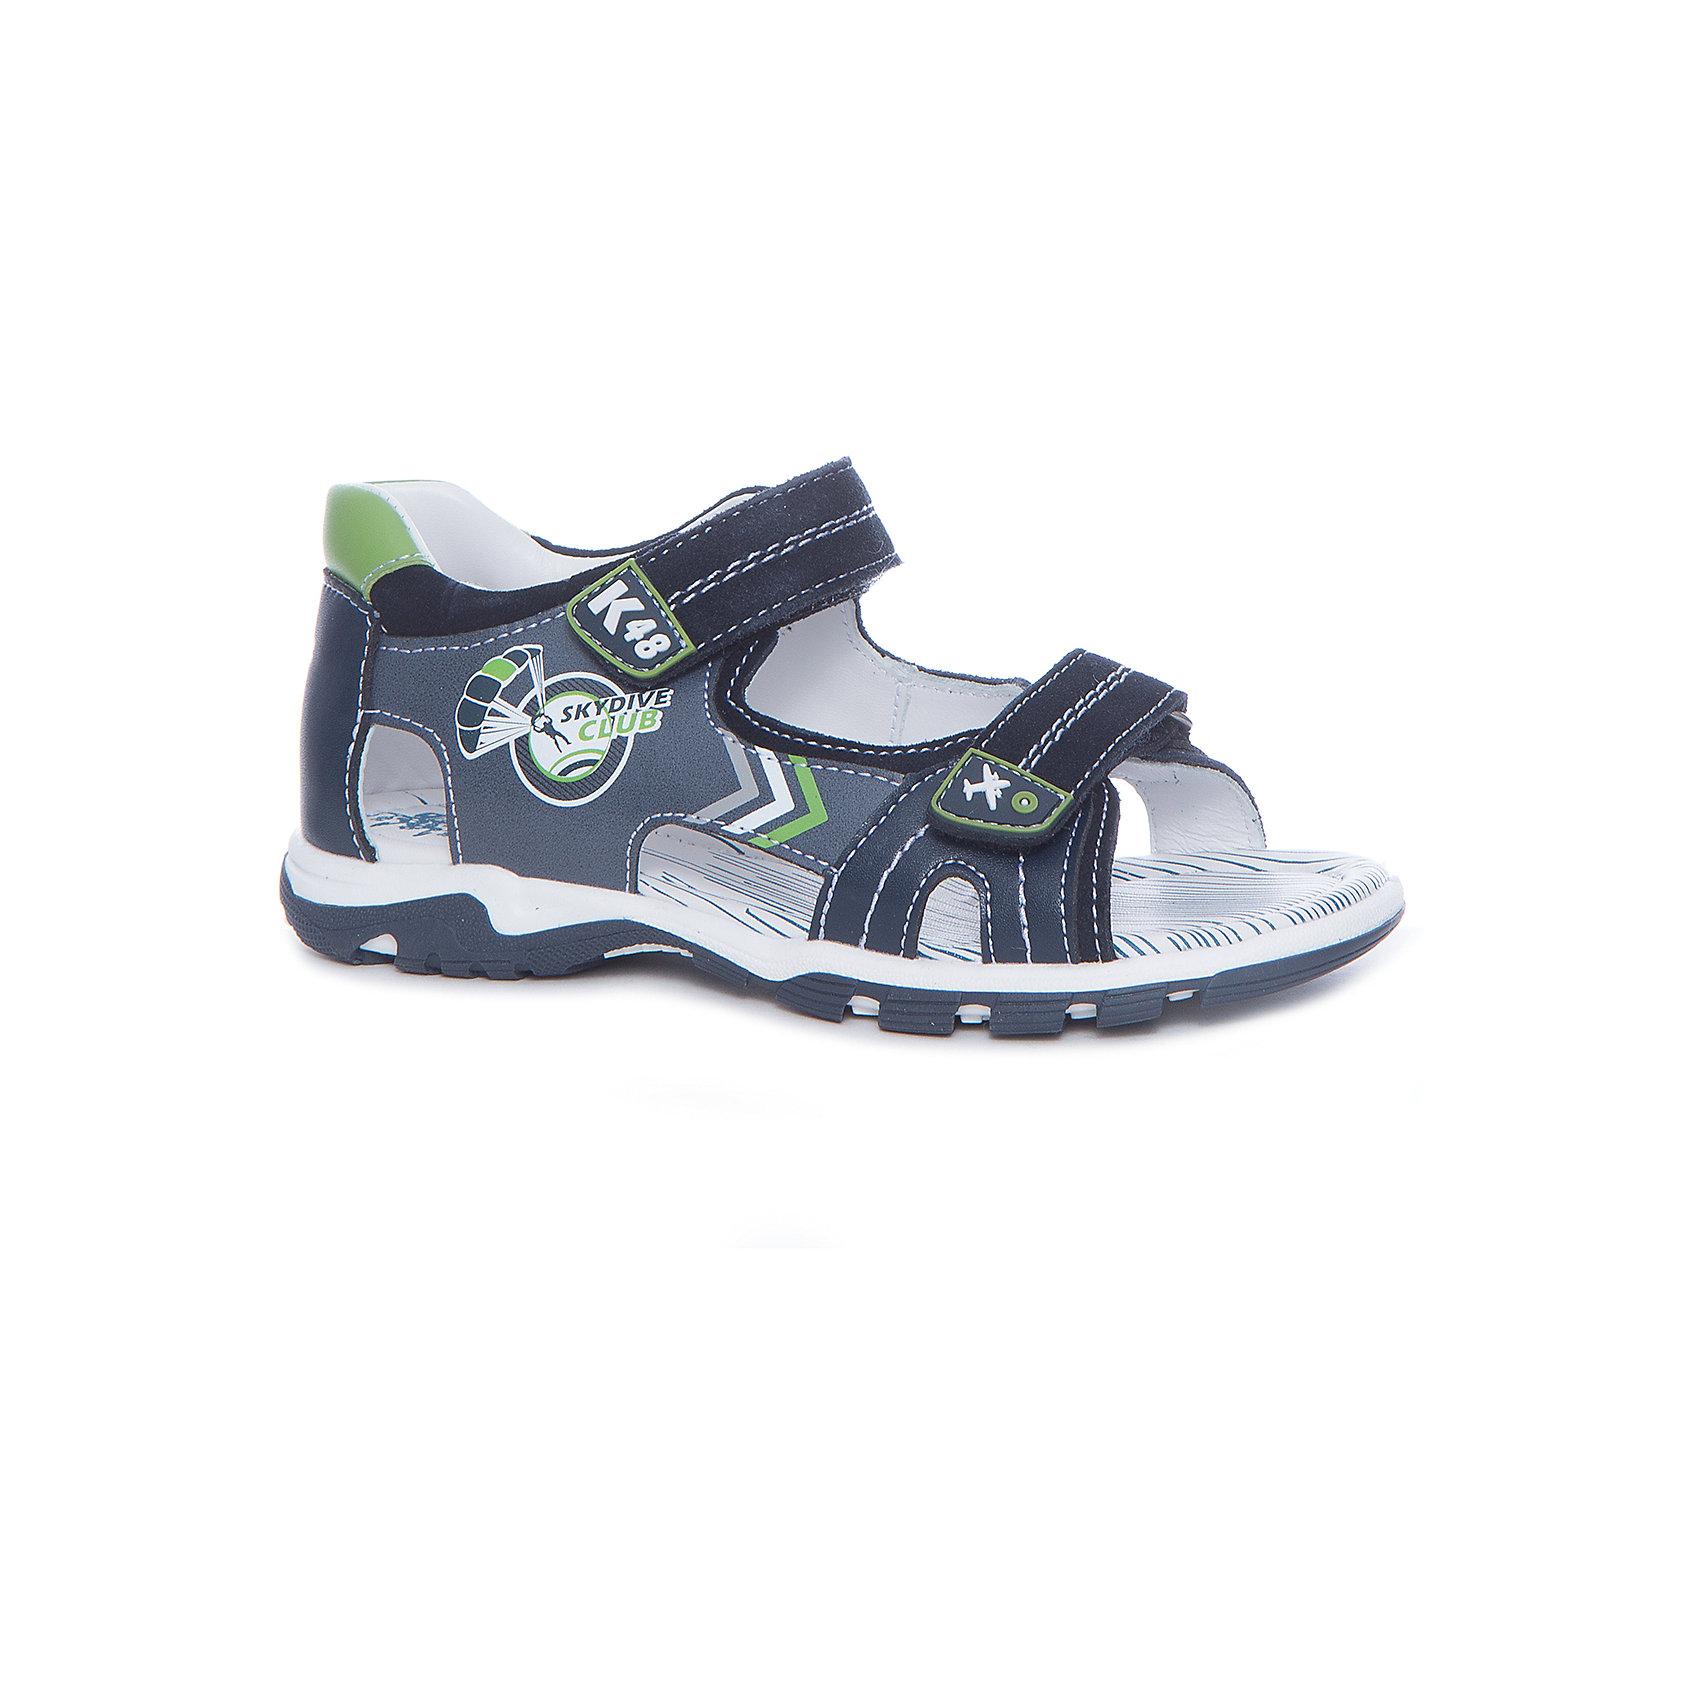 Сандалии для мальчика KAPIKA, синий, графитСандалии<br>Характеристики товара:<br><br>• цвет: синий, серый<br>• тип сандалей: анатомические<br>• внешний материал обуви: натуральная кожа, экокожа<br>• внутренний материал: натуральная кожа<br>• стелька: натуральная кожа<br>• подошва: ТЭП<br>• с открытым мысом<br>• тип застежки: на липучке<br>• сезон: лето<br>• страна бренда: Россия<br>• страна изготовитель: Китай<br><br>Сандалии открытые для мальчика от российского бренда Kapika (Капика) можно купить в нашем интернет-магазине.<br><br>Ширина мм: 227<br>Глубина мм: 145<br>Высота мм: 124<br>Вес г: 325<br>Цвет: синий<br>Возраст от месяцев: 84<br>Возраст до месяцев: 96<br>Пол: Мужской<br>Возраст: Детский<br>Размер: 31,33,30,32<br>SKU: 5323951